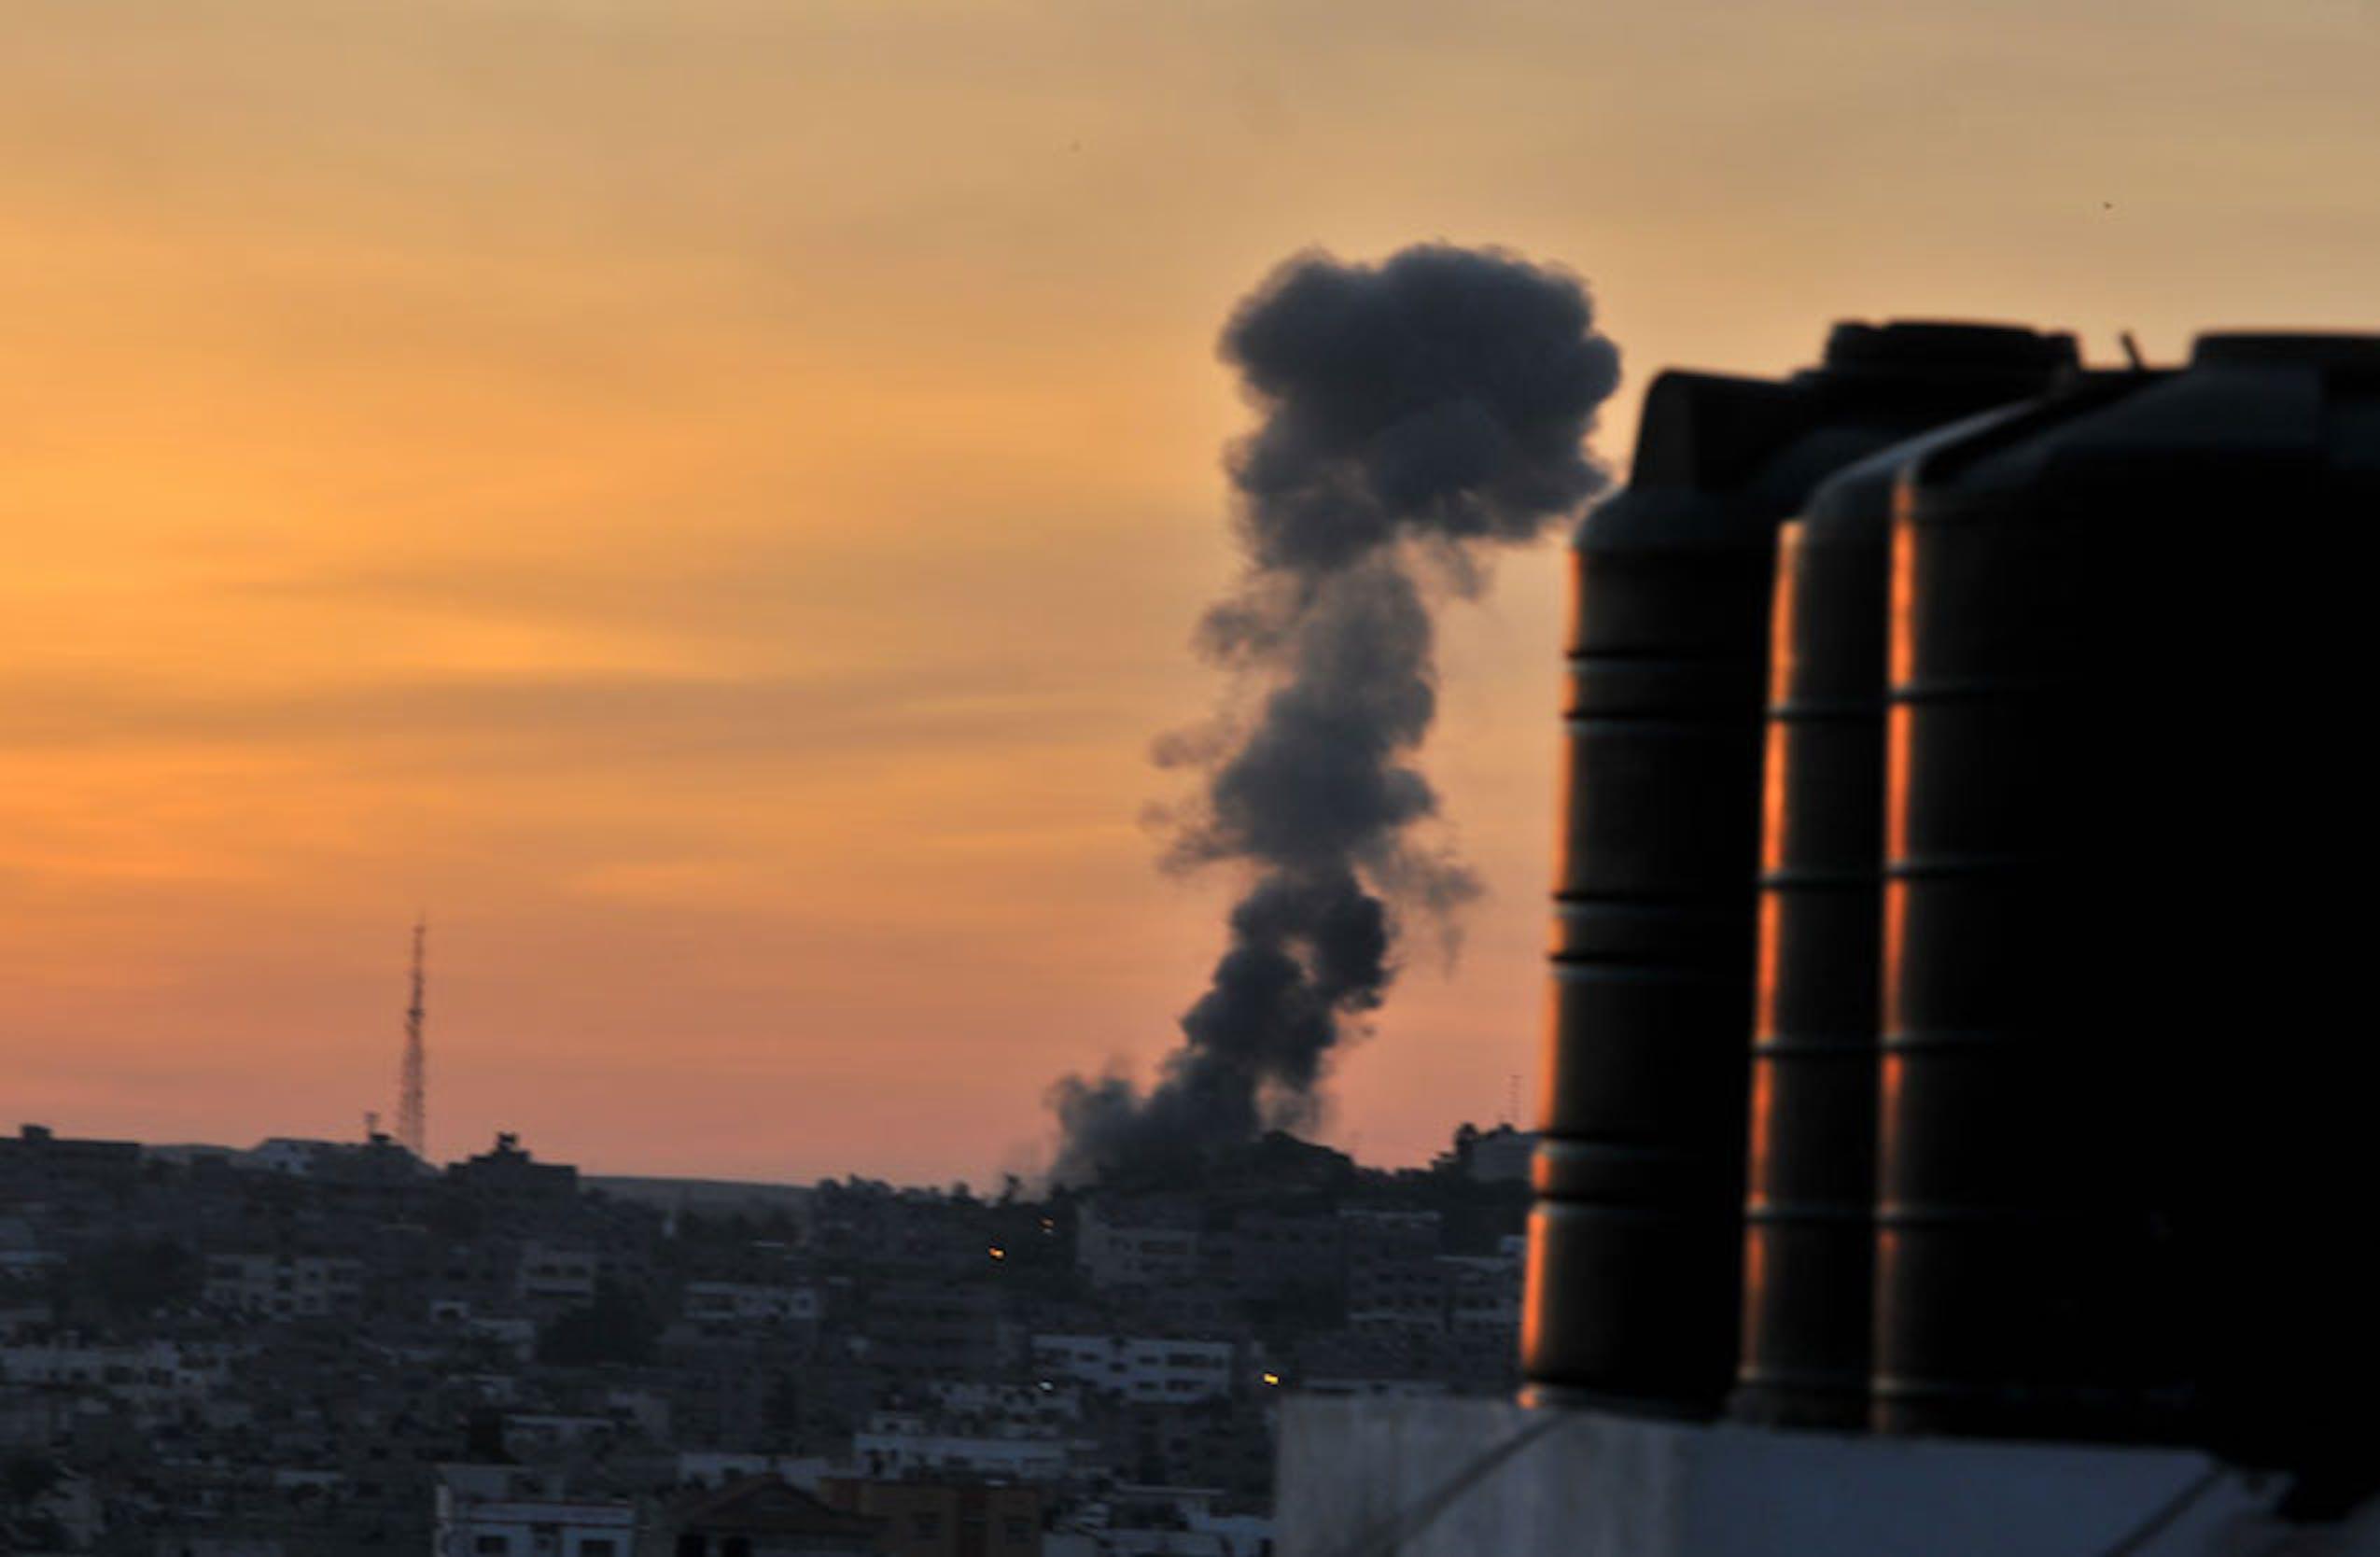 Una colonna di fumo si leva a Gaza City dopo un raid aereo israeliano - ©UN Photo/2012/Shareef Sarhan